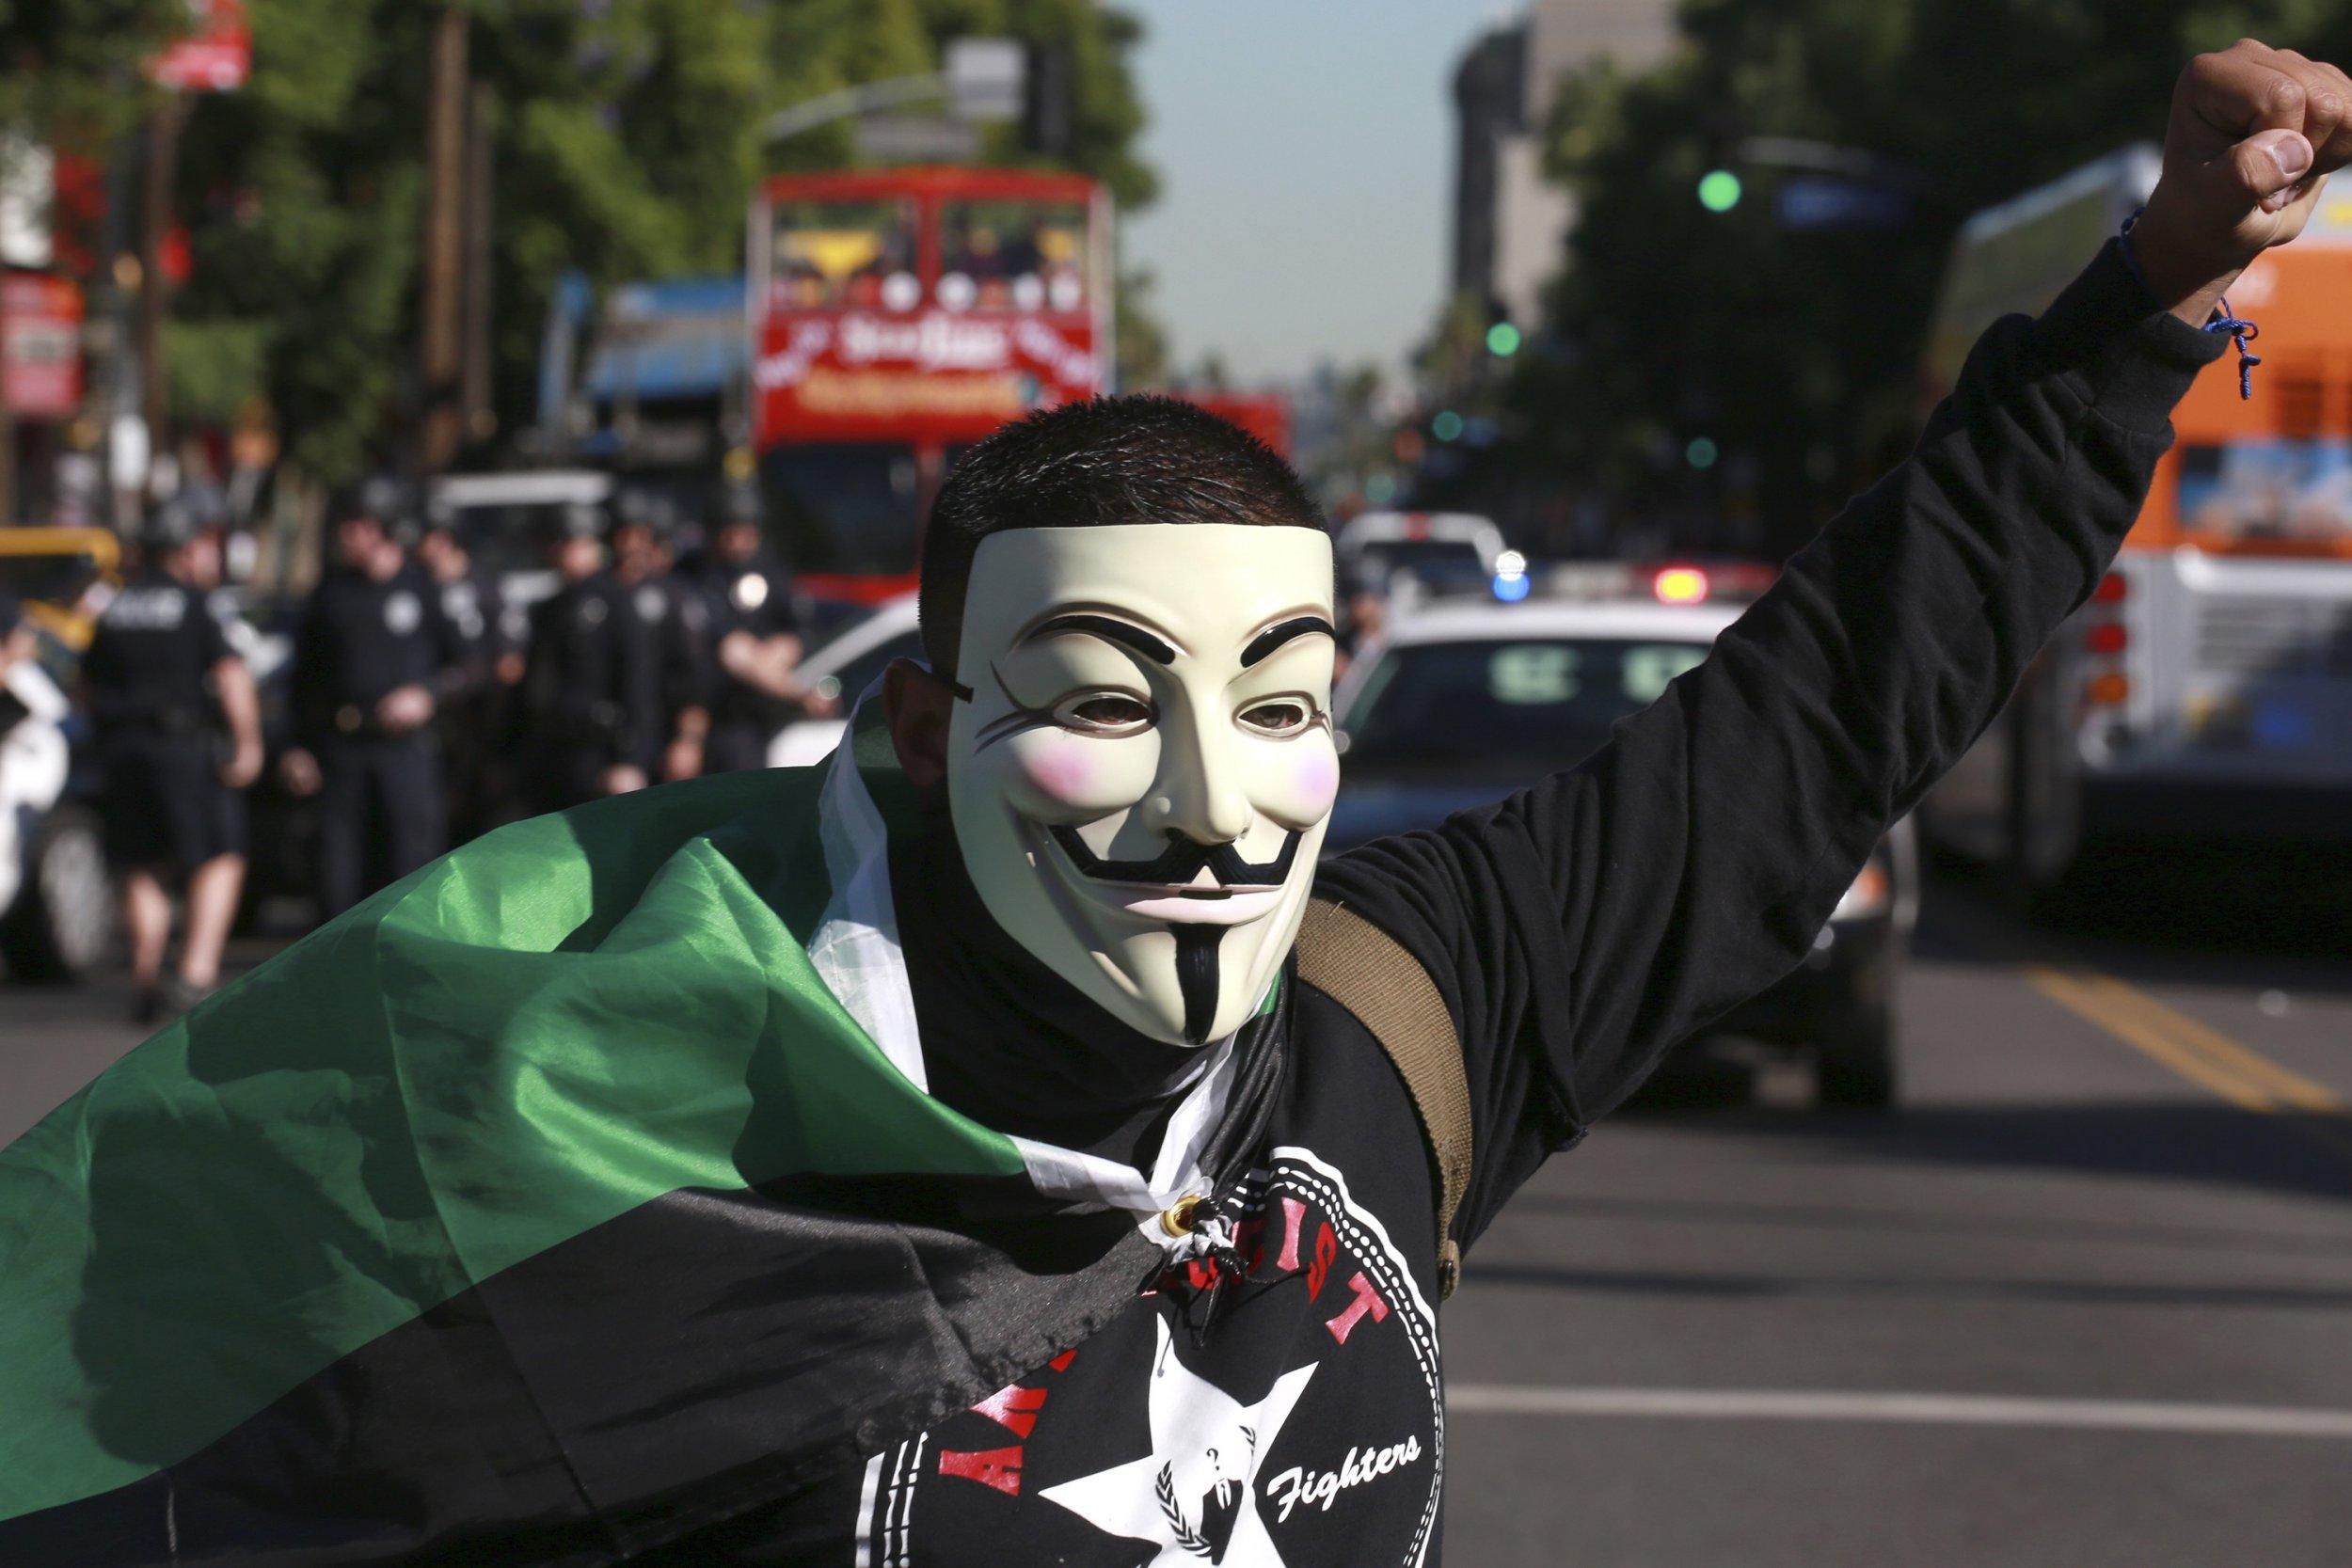 V for vendetta mask - 3 9